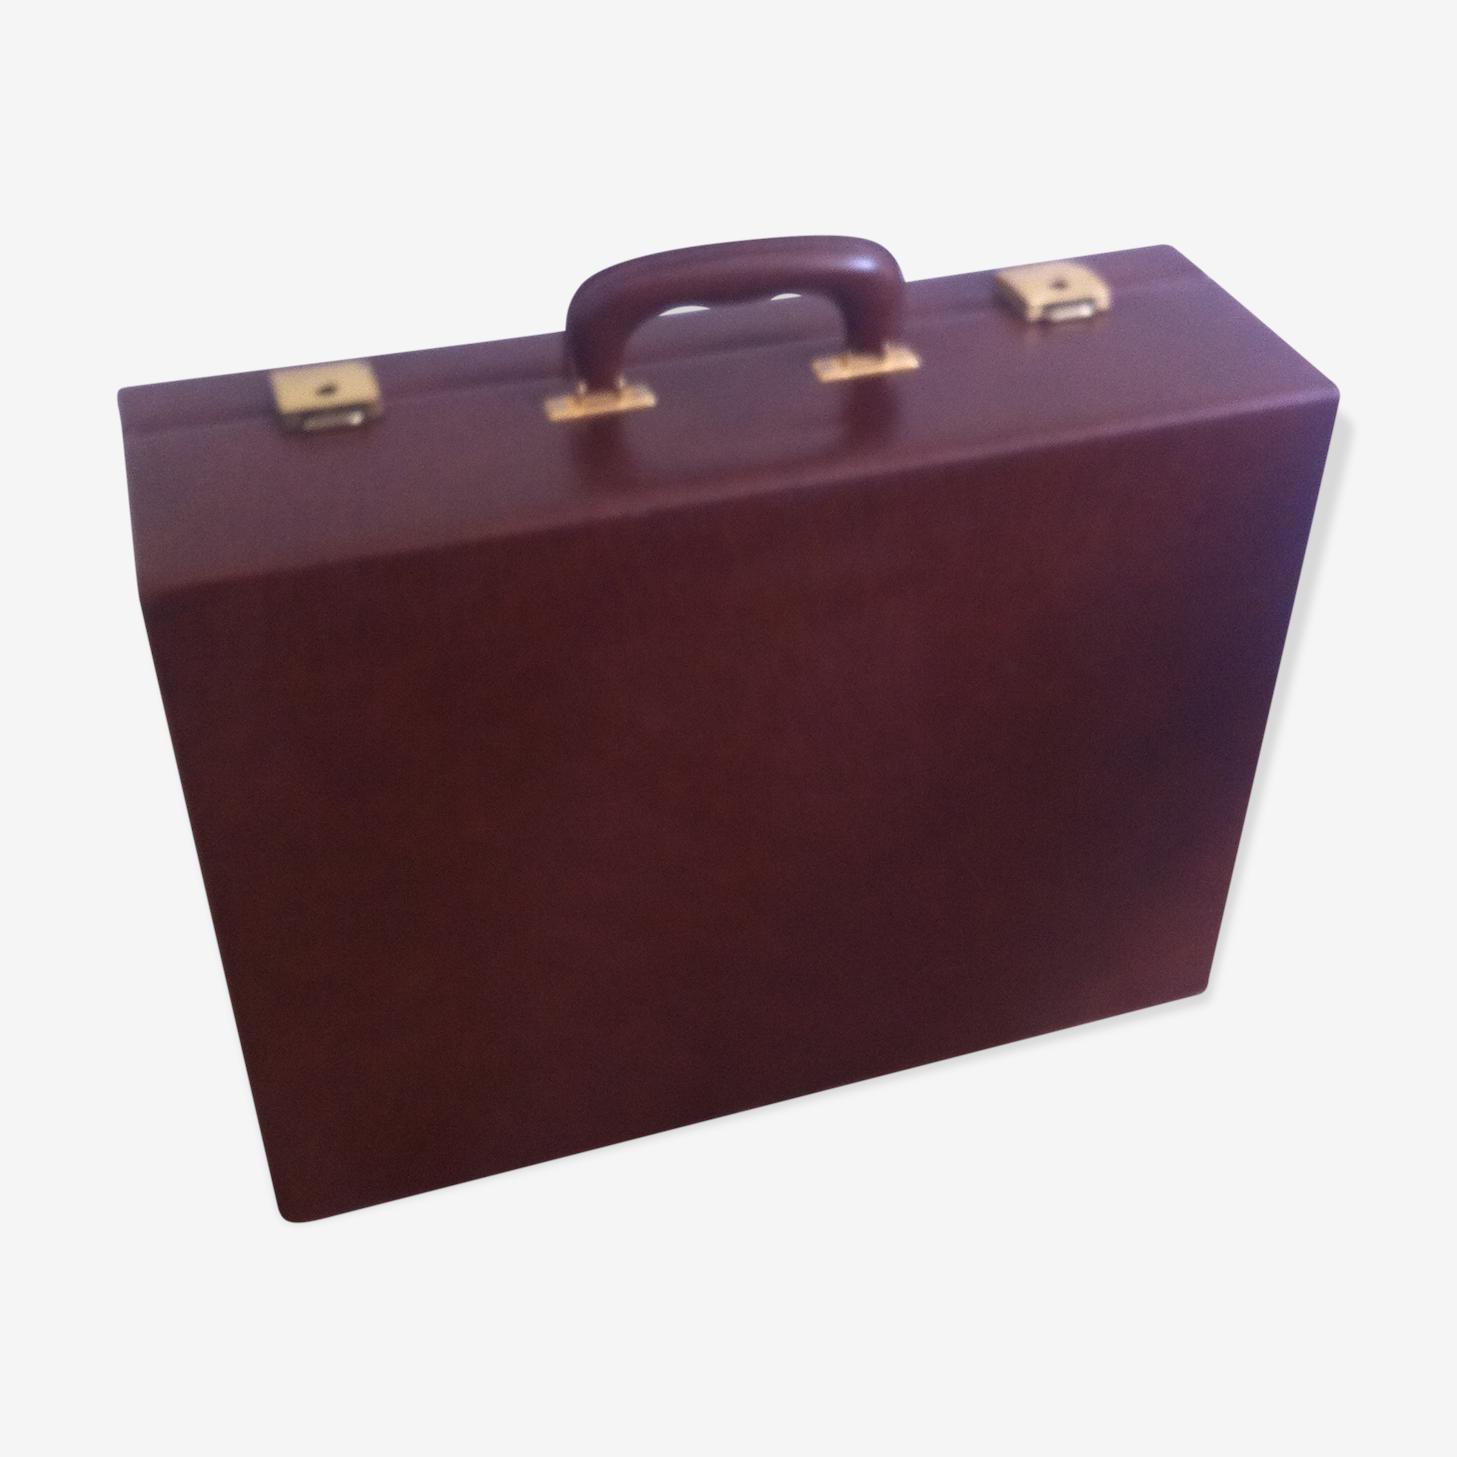 Vintage faux leather suitcase